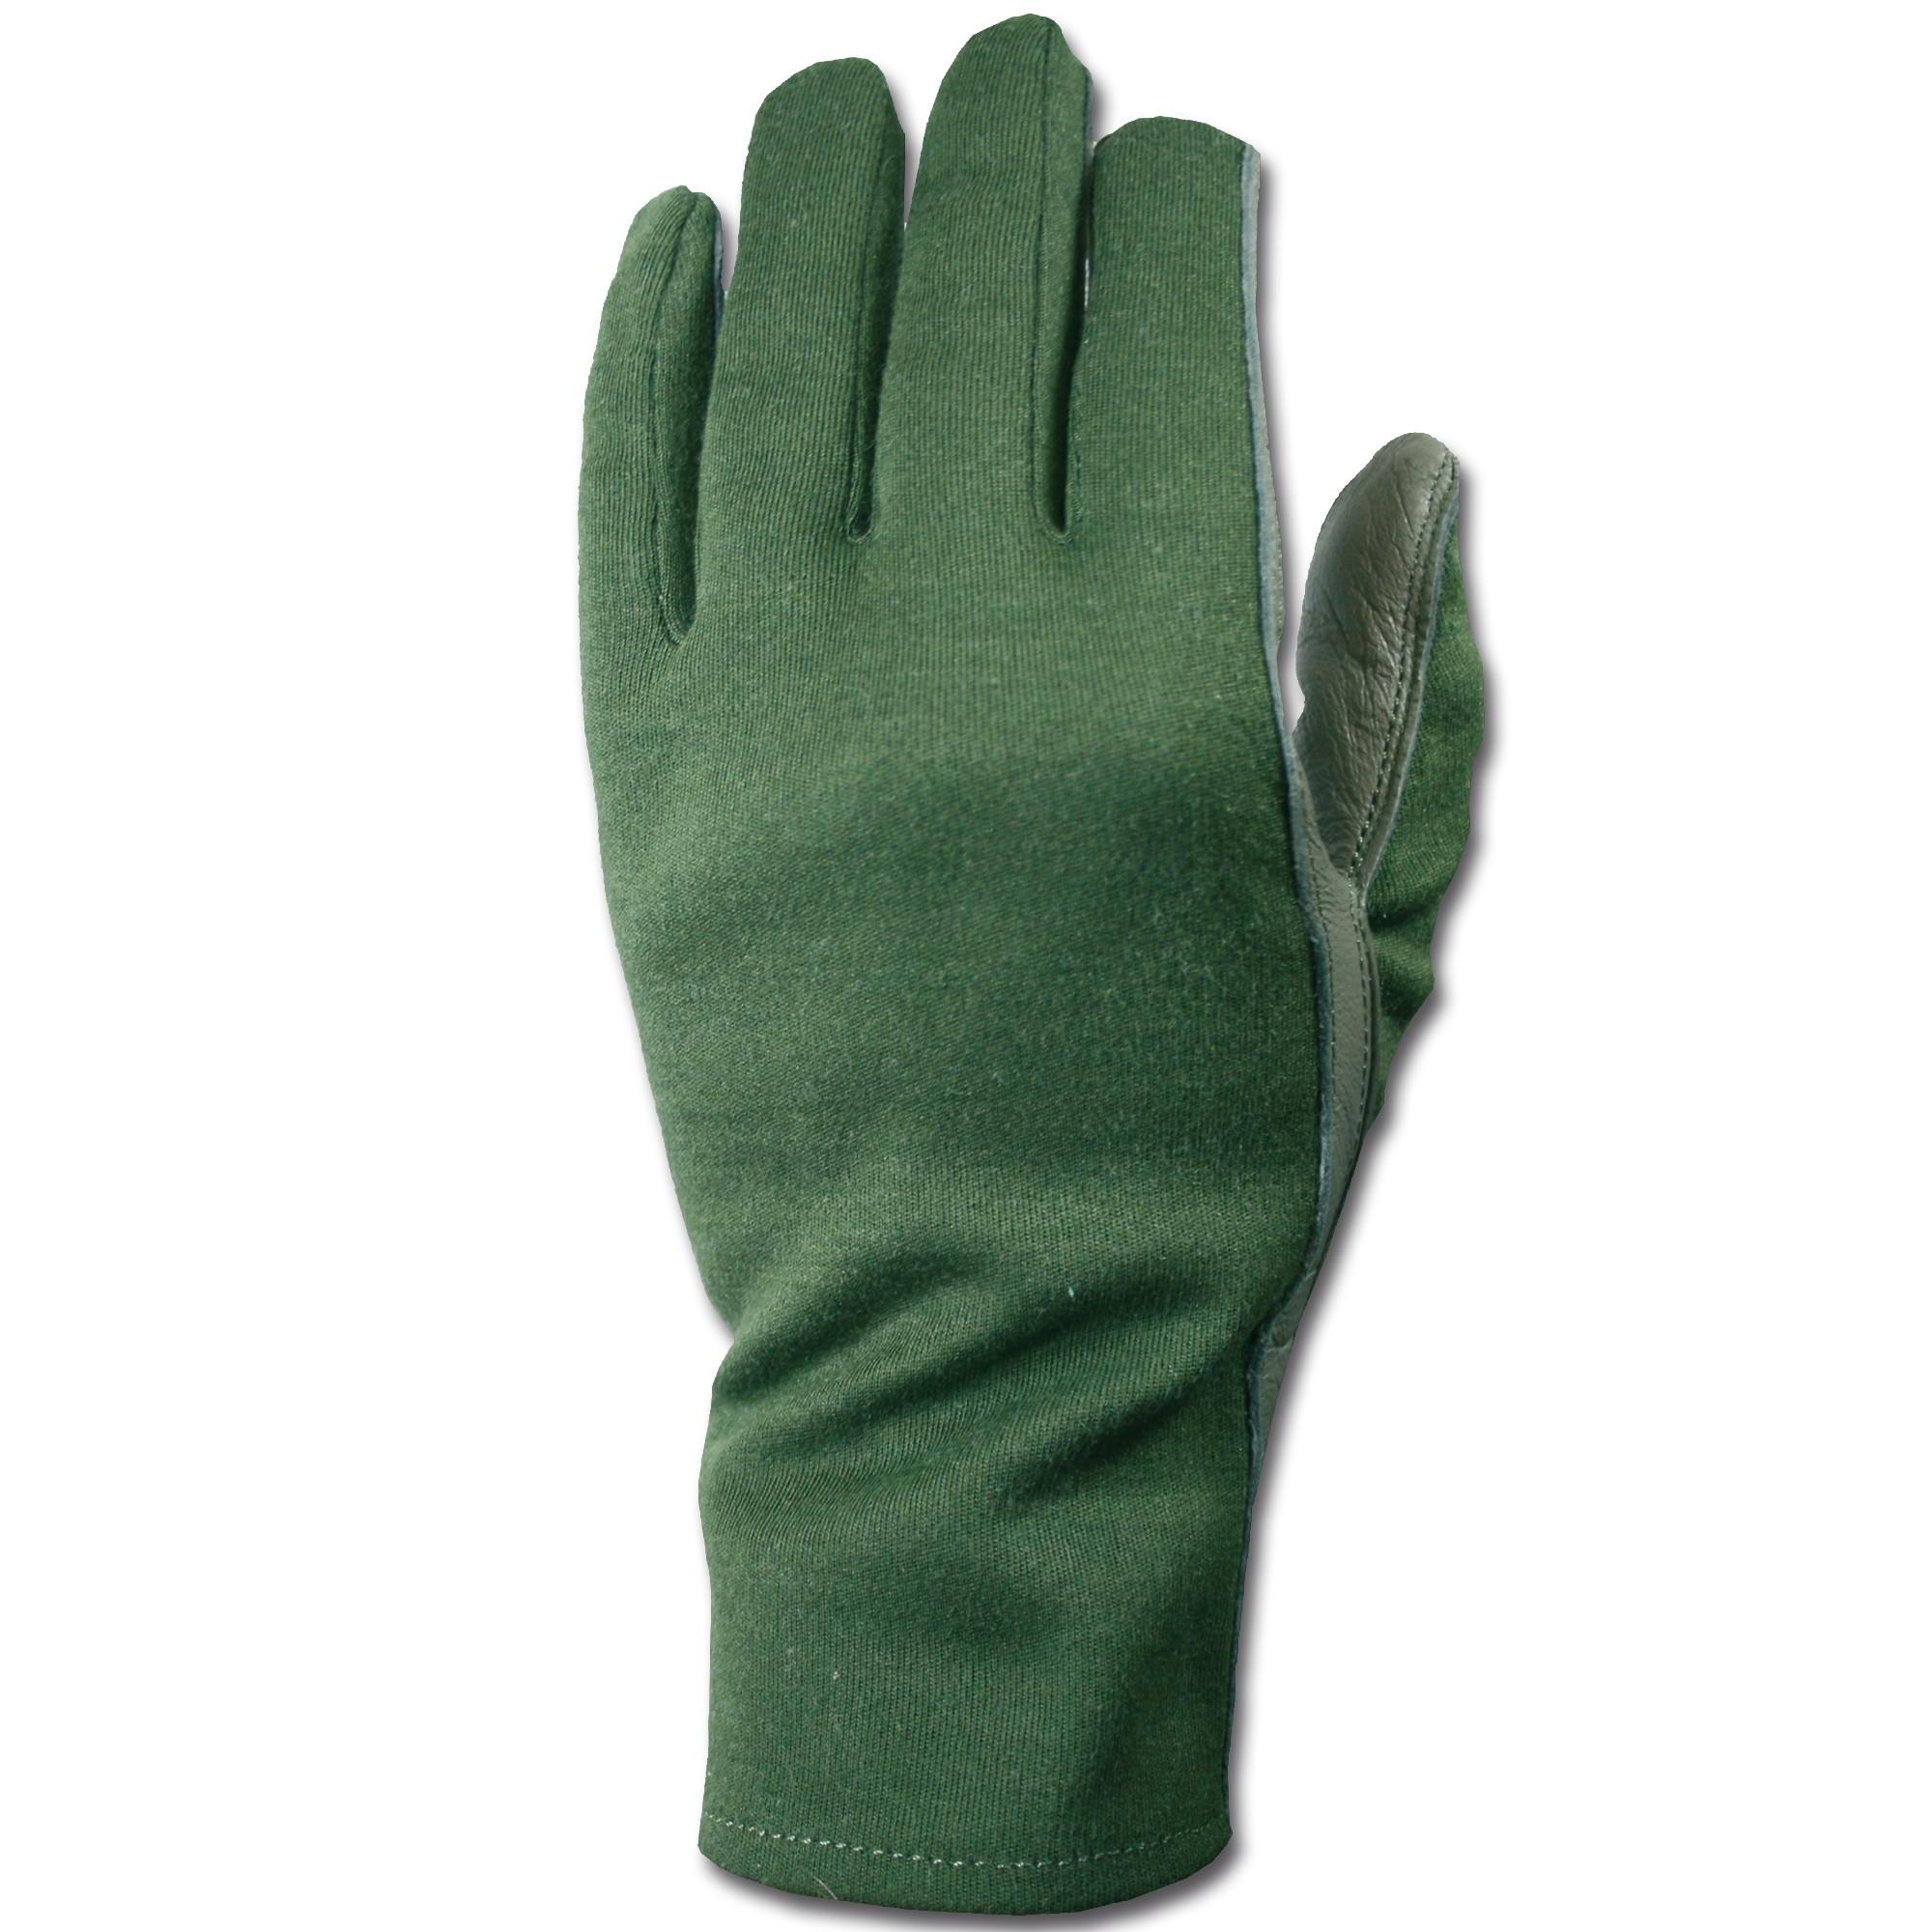 Handschuhe flammhemmend oliv